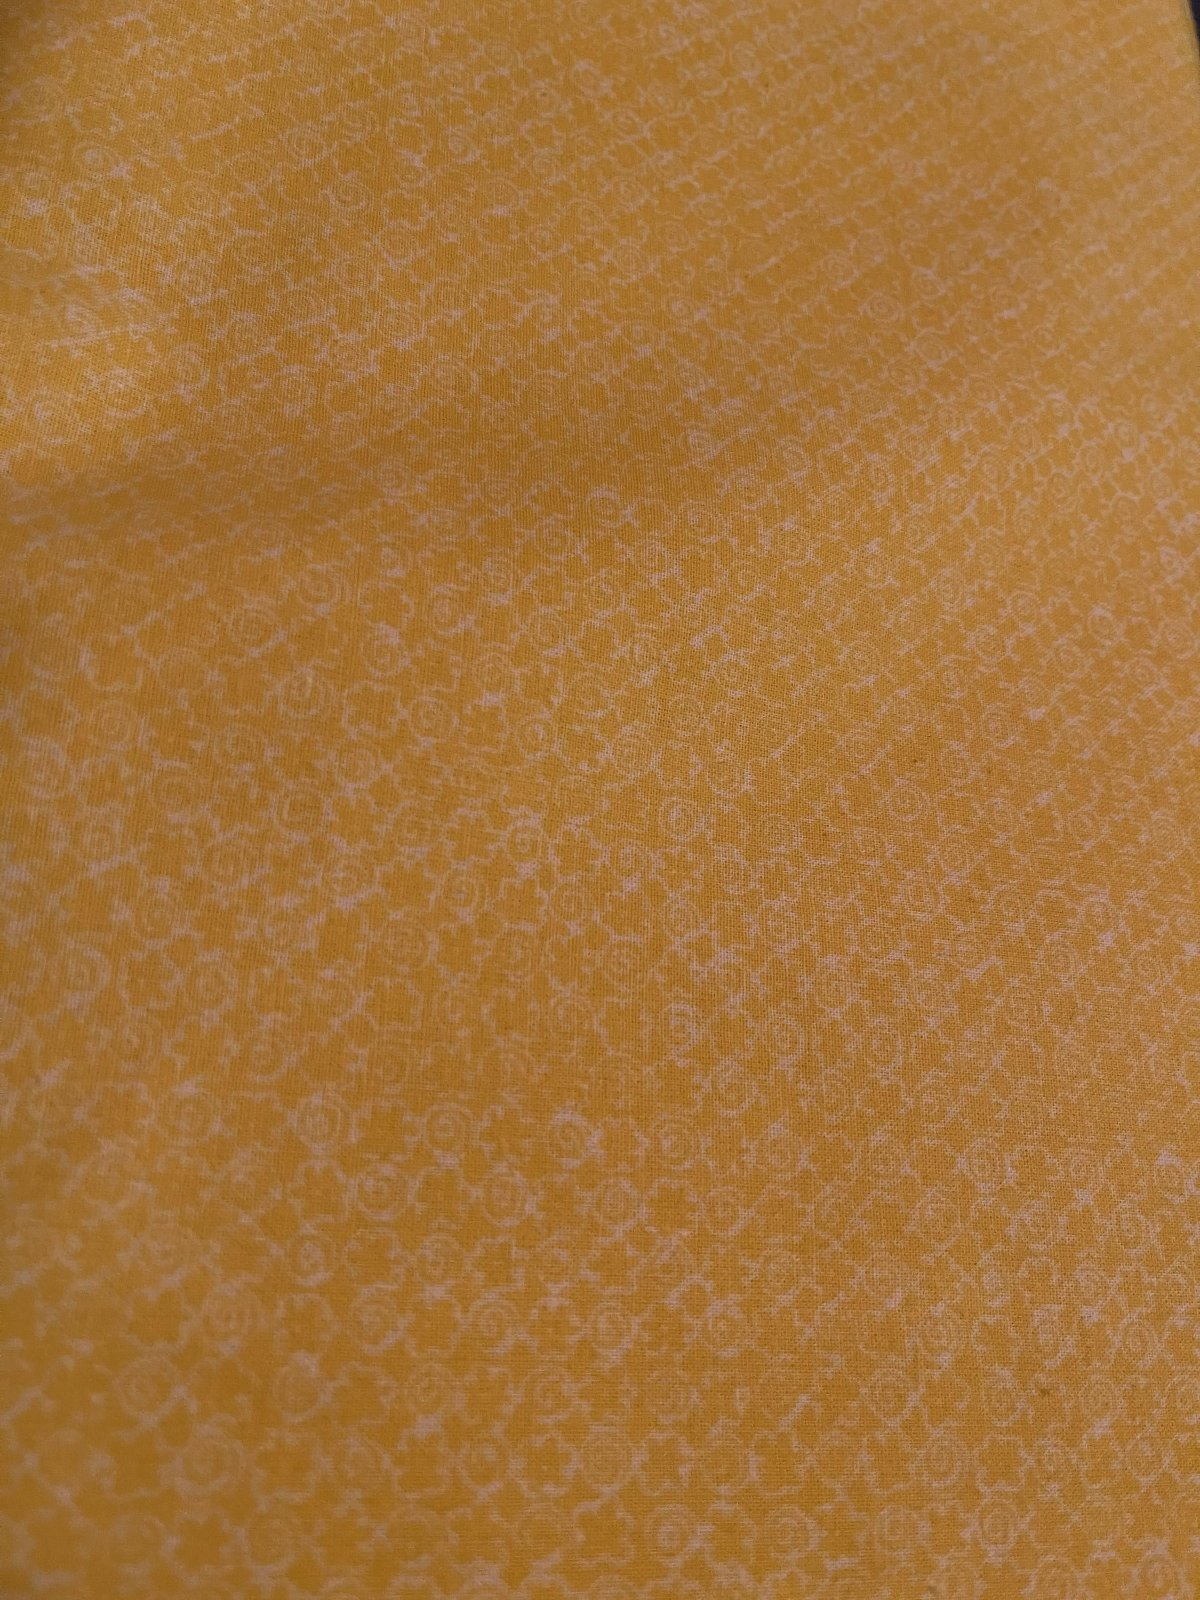 Yellow Blender